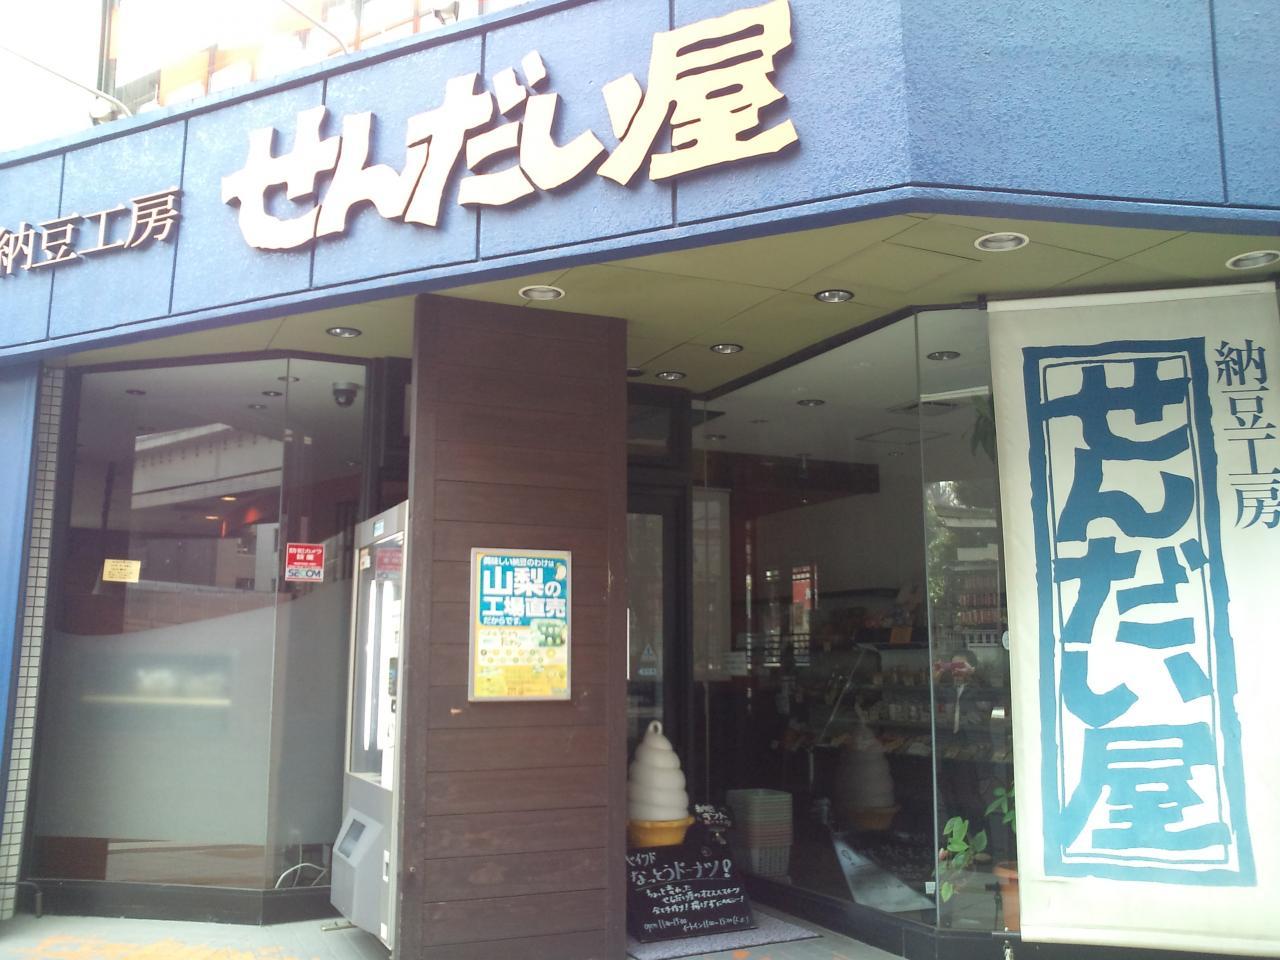 納豆工房せんだい屋池尻大橋店(店舗外観)